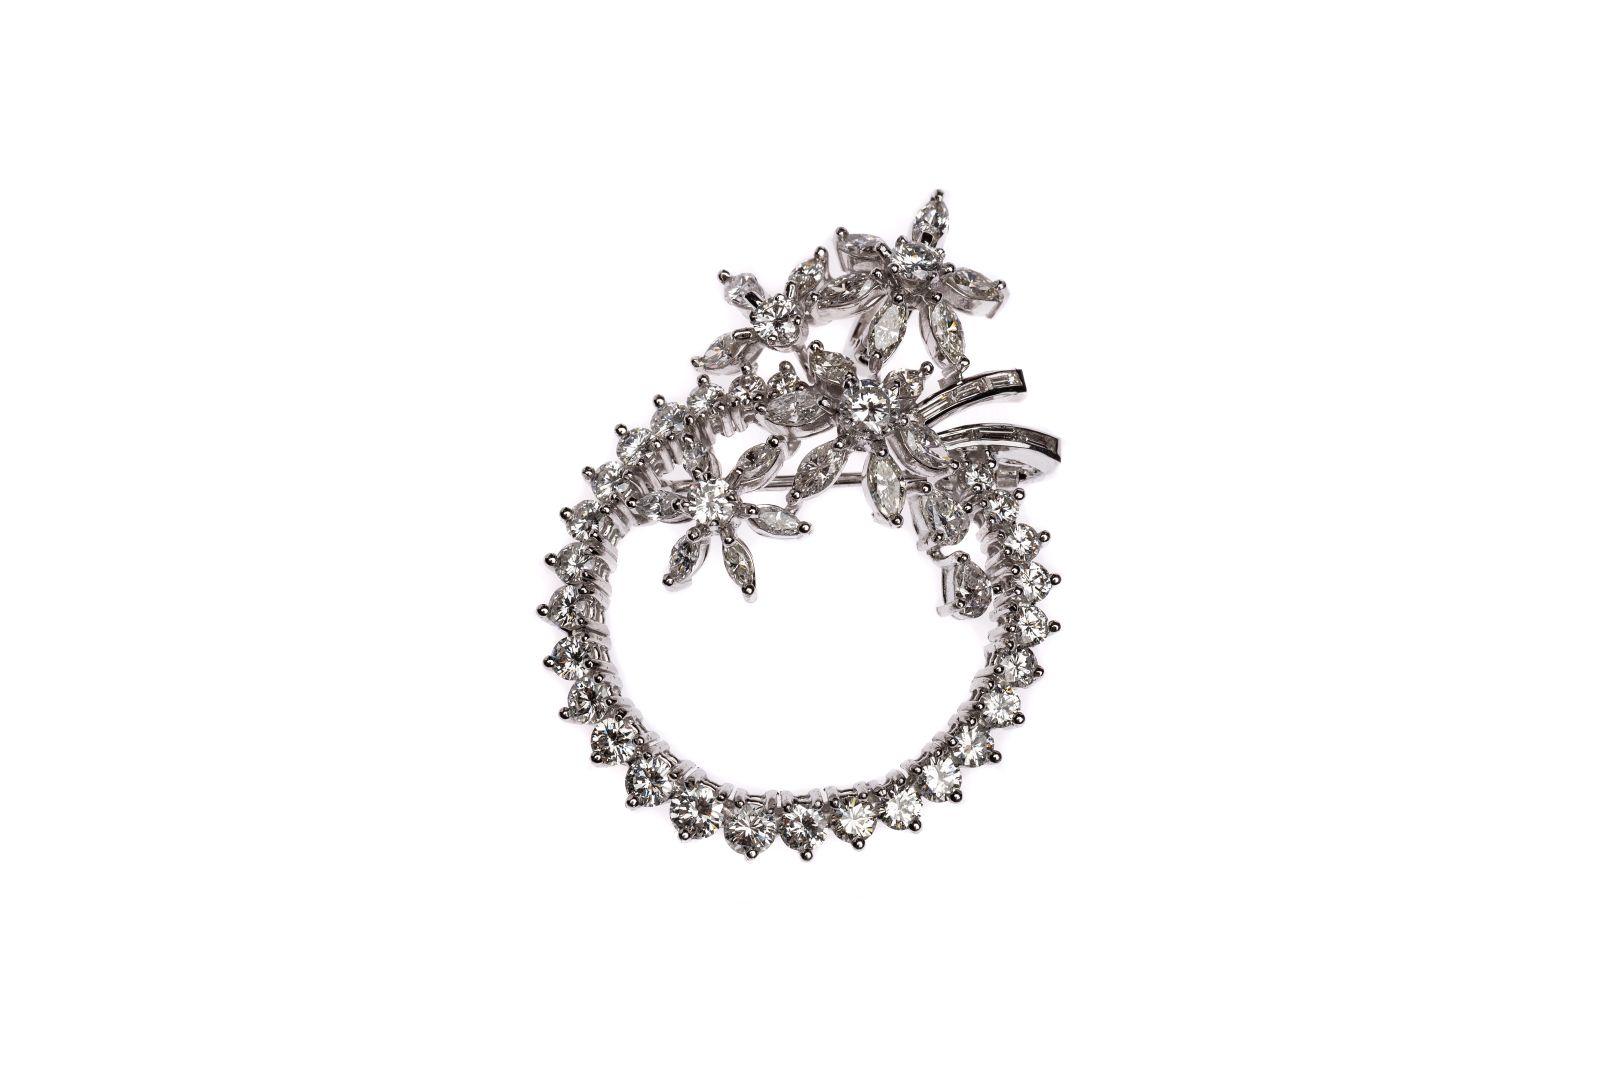 #132 Brooch and pendant | Brosche und Anhänger Image